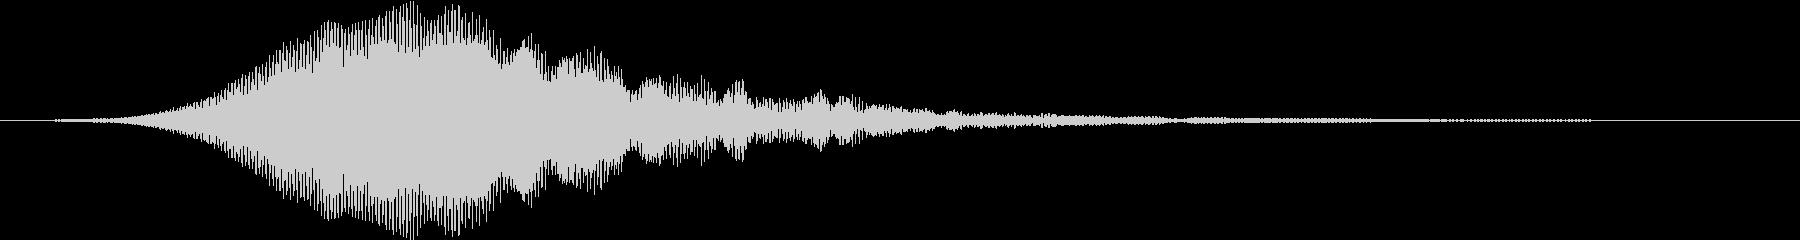 【シネマティック】SFX_03 ブーンッの未再生の波形